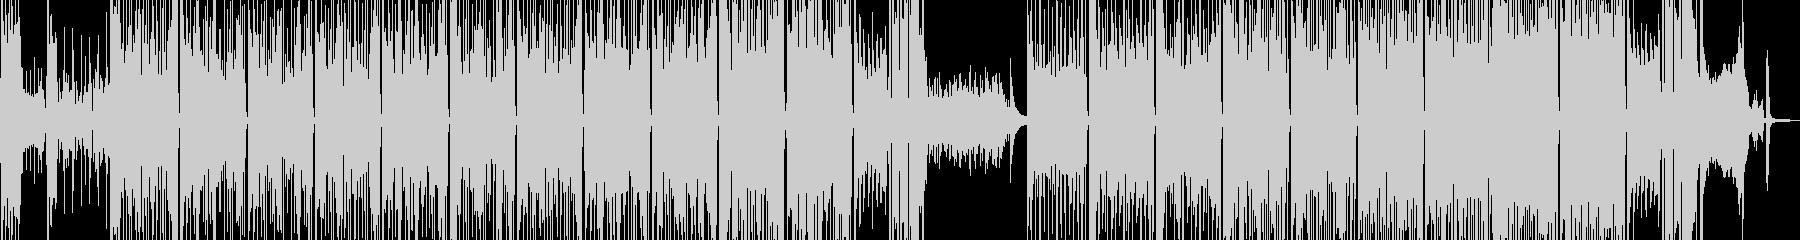 タイム制限クイズのようなポップス aの未再生の波形